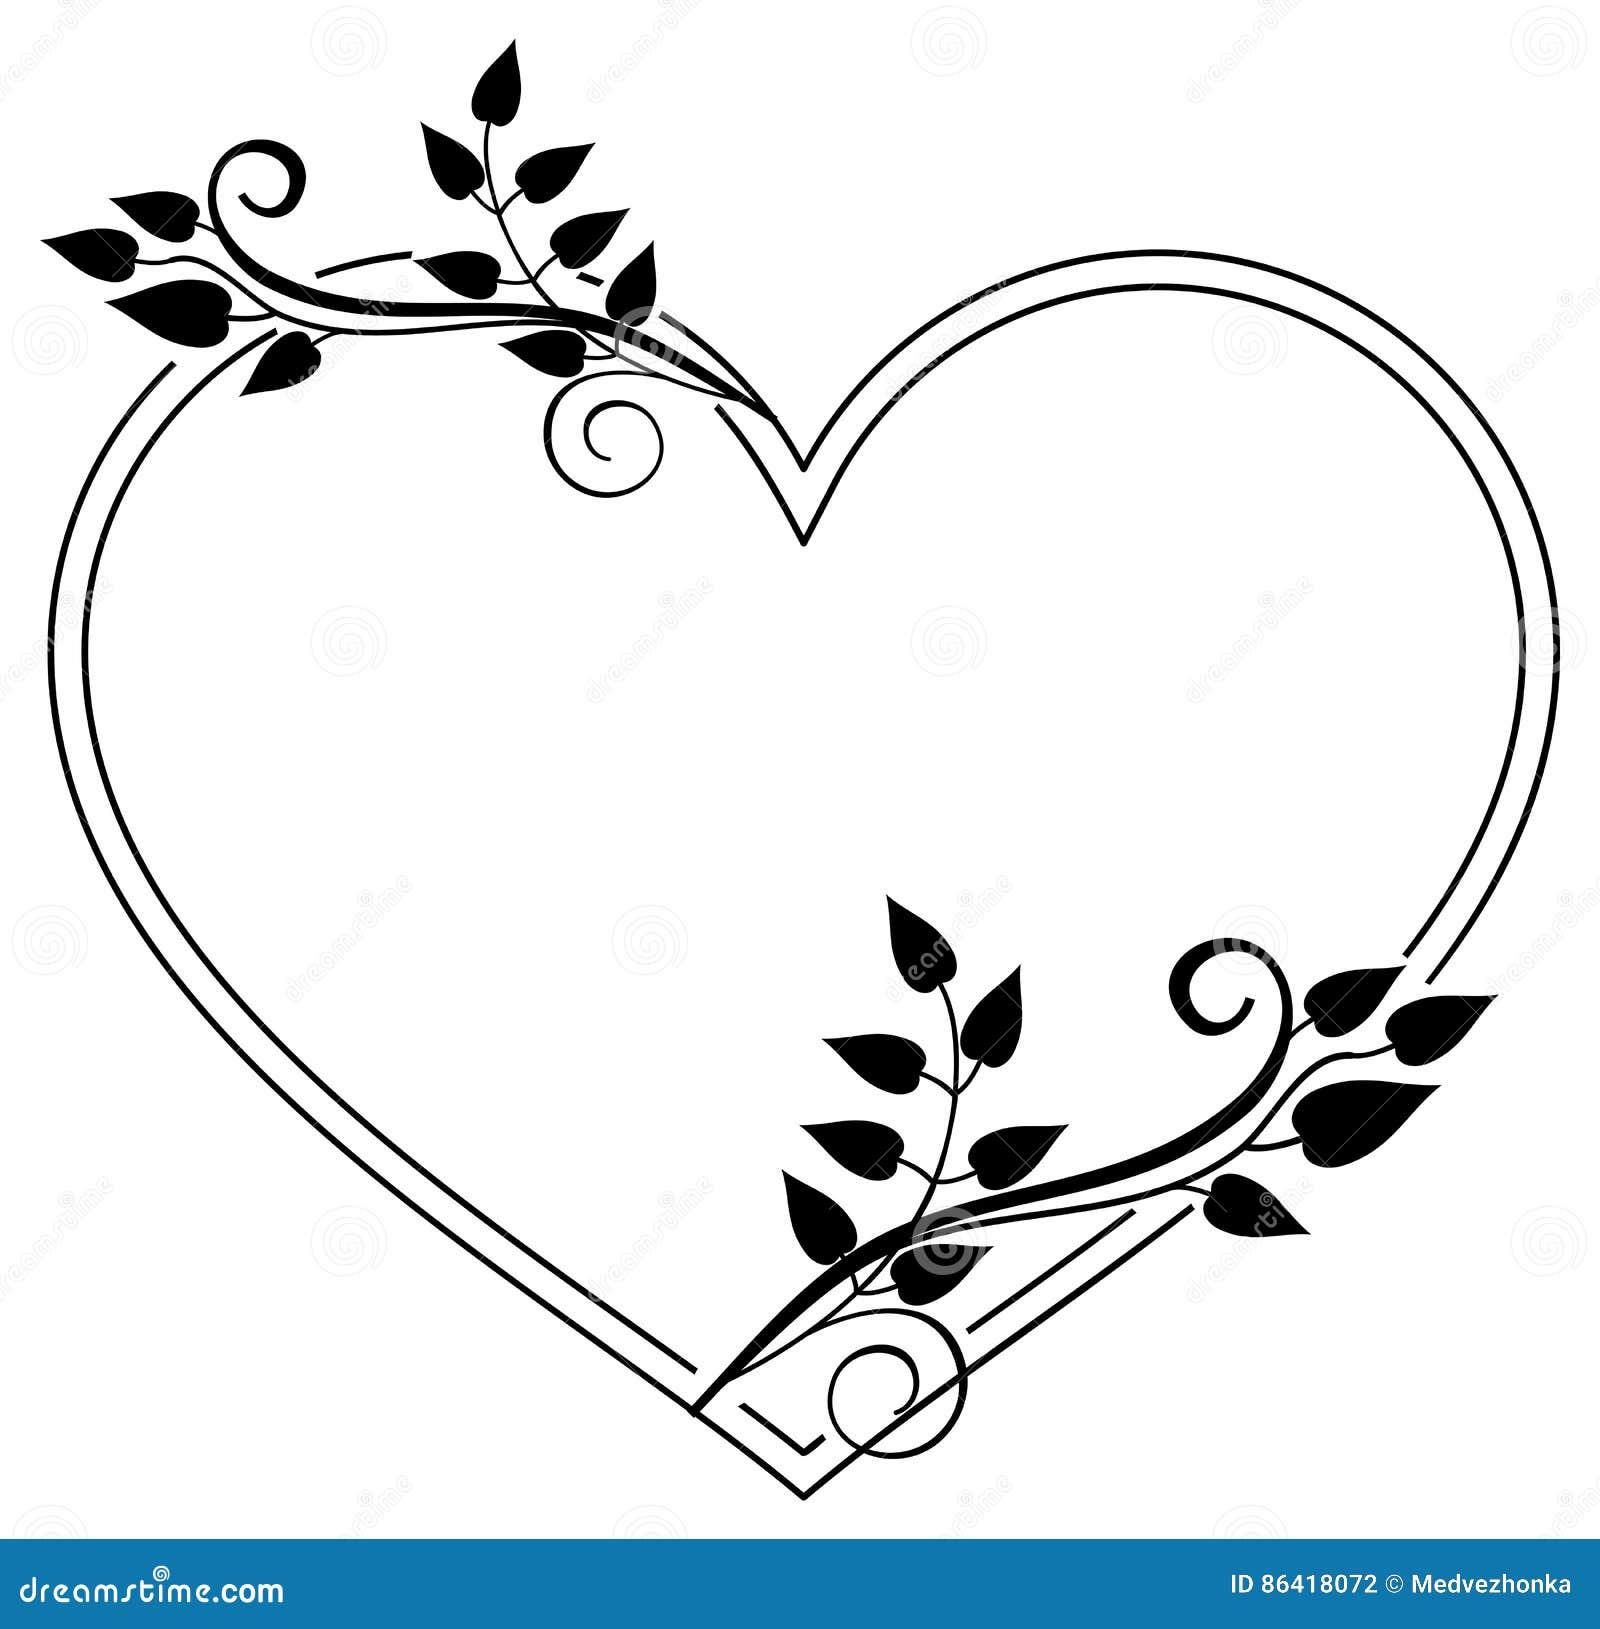 herz f rmiger schwarzweiss rahmen mit blumenschattenbildern rast stock abbildung illustration. Black Bedroom Furniture Sets. Home Design Ideas